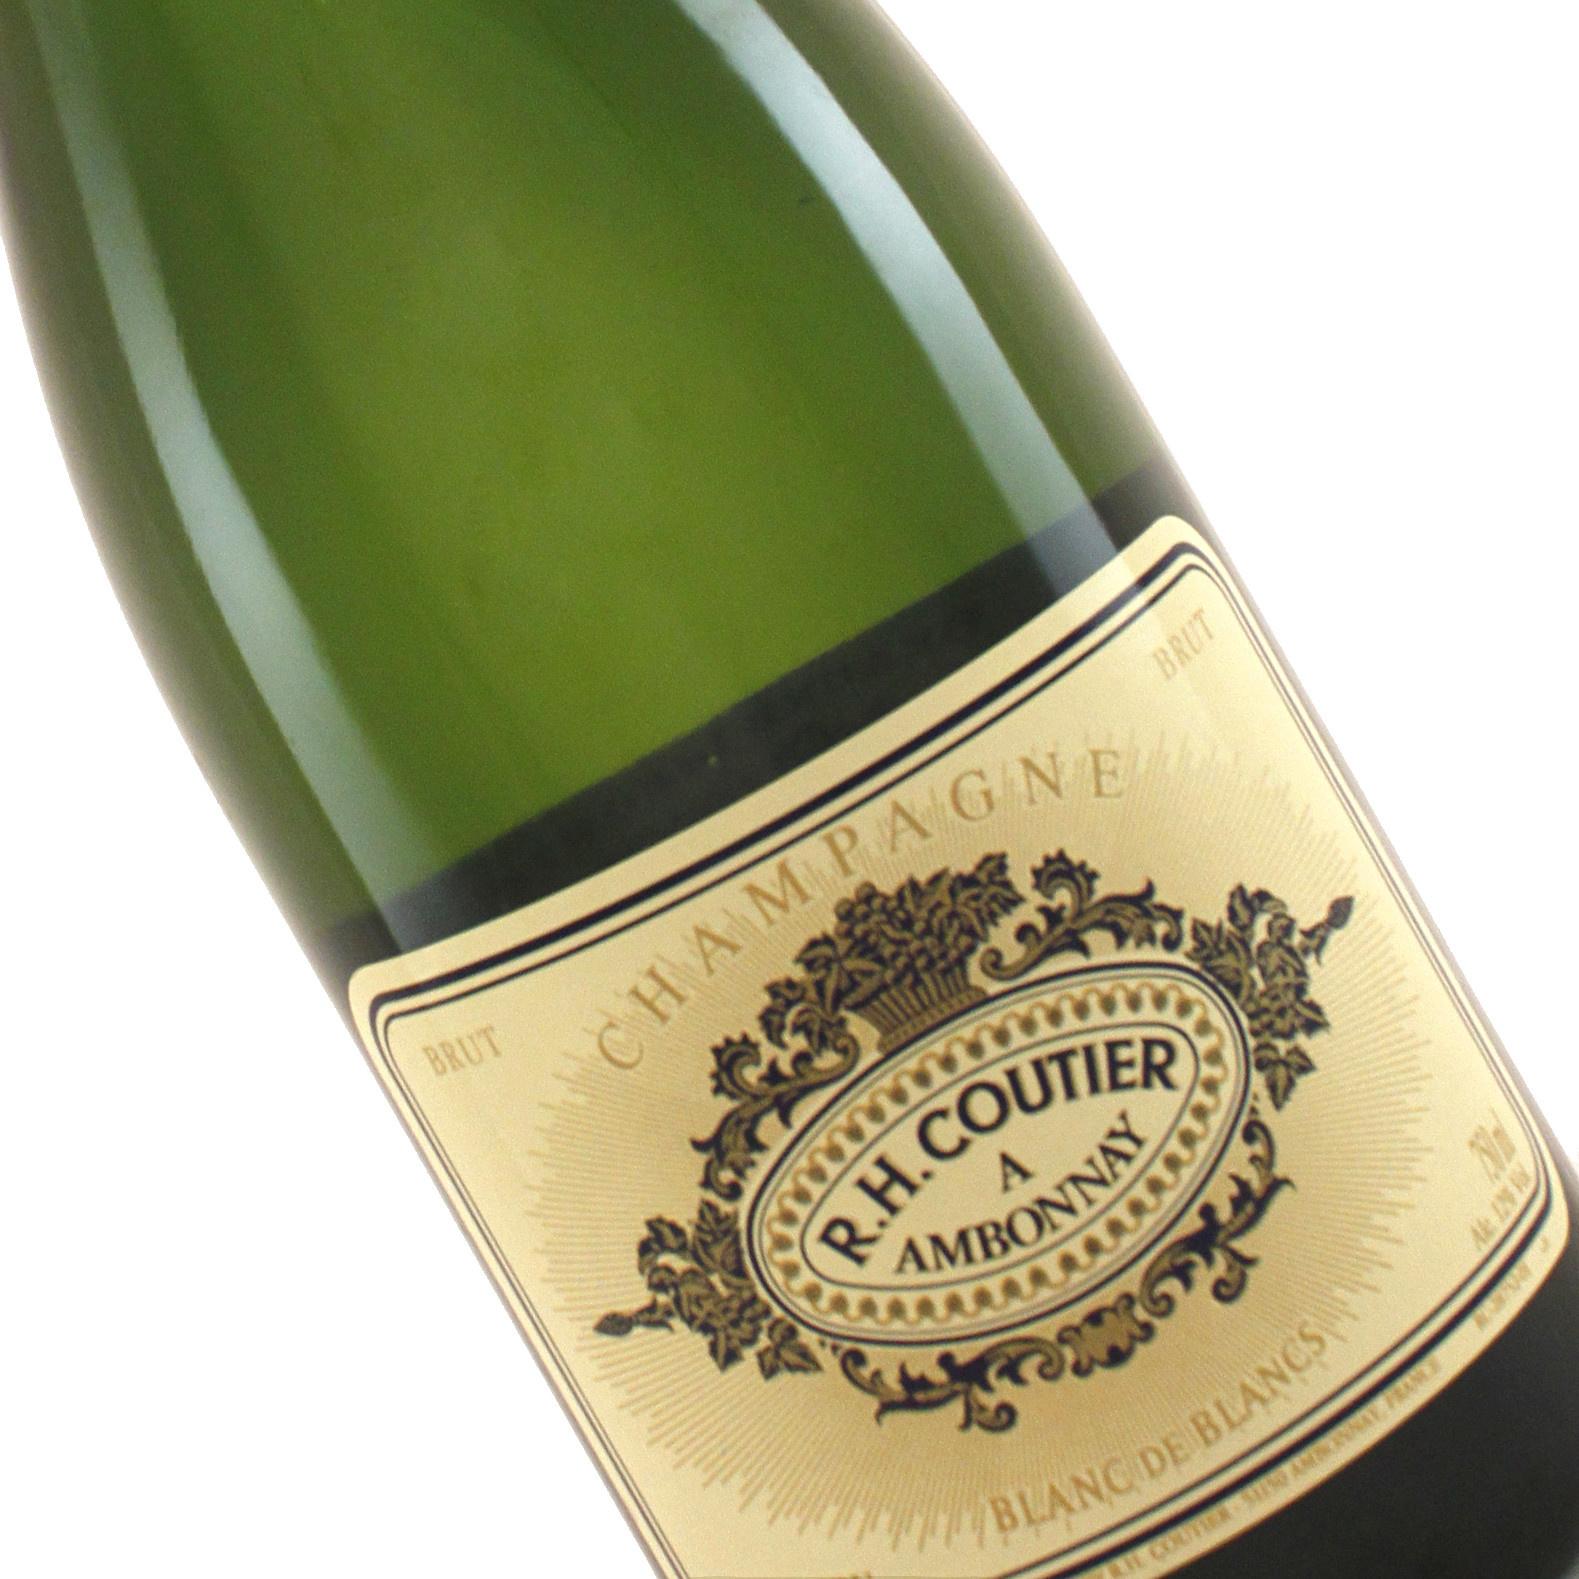 R.H. Coutier NV Blanc De Blancs, Champagne, Ambonnay